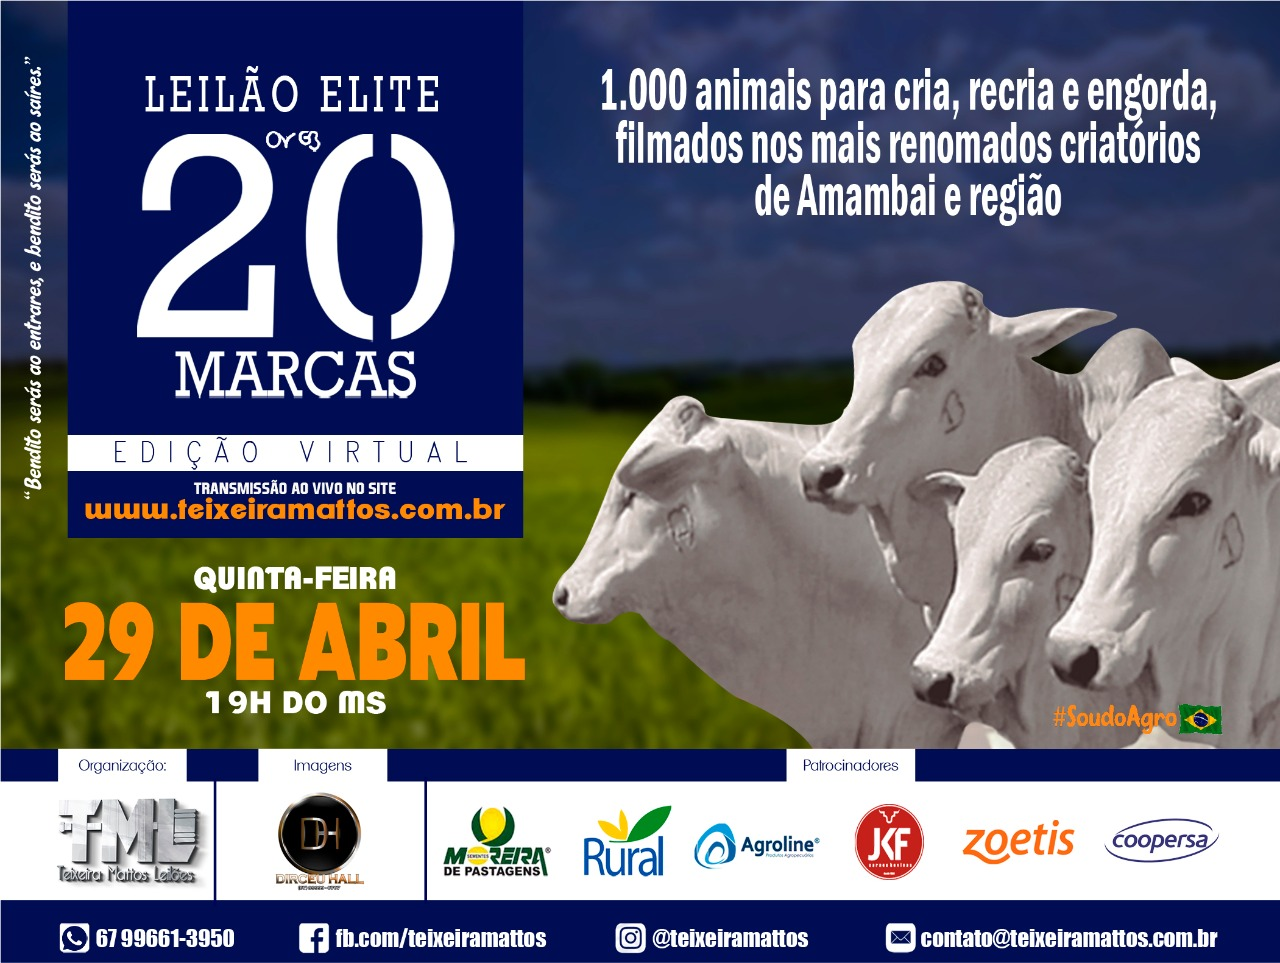 LEILÃO ELITE 20 MARCAS